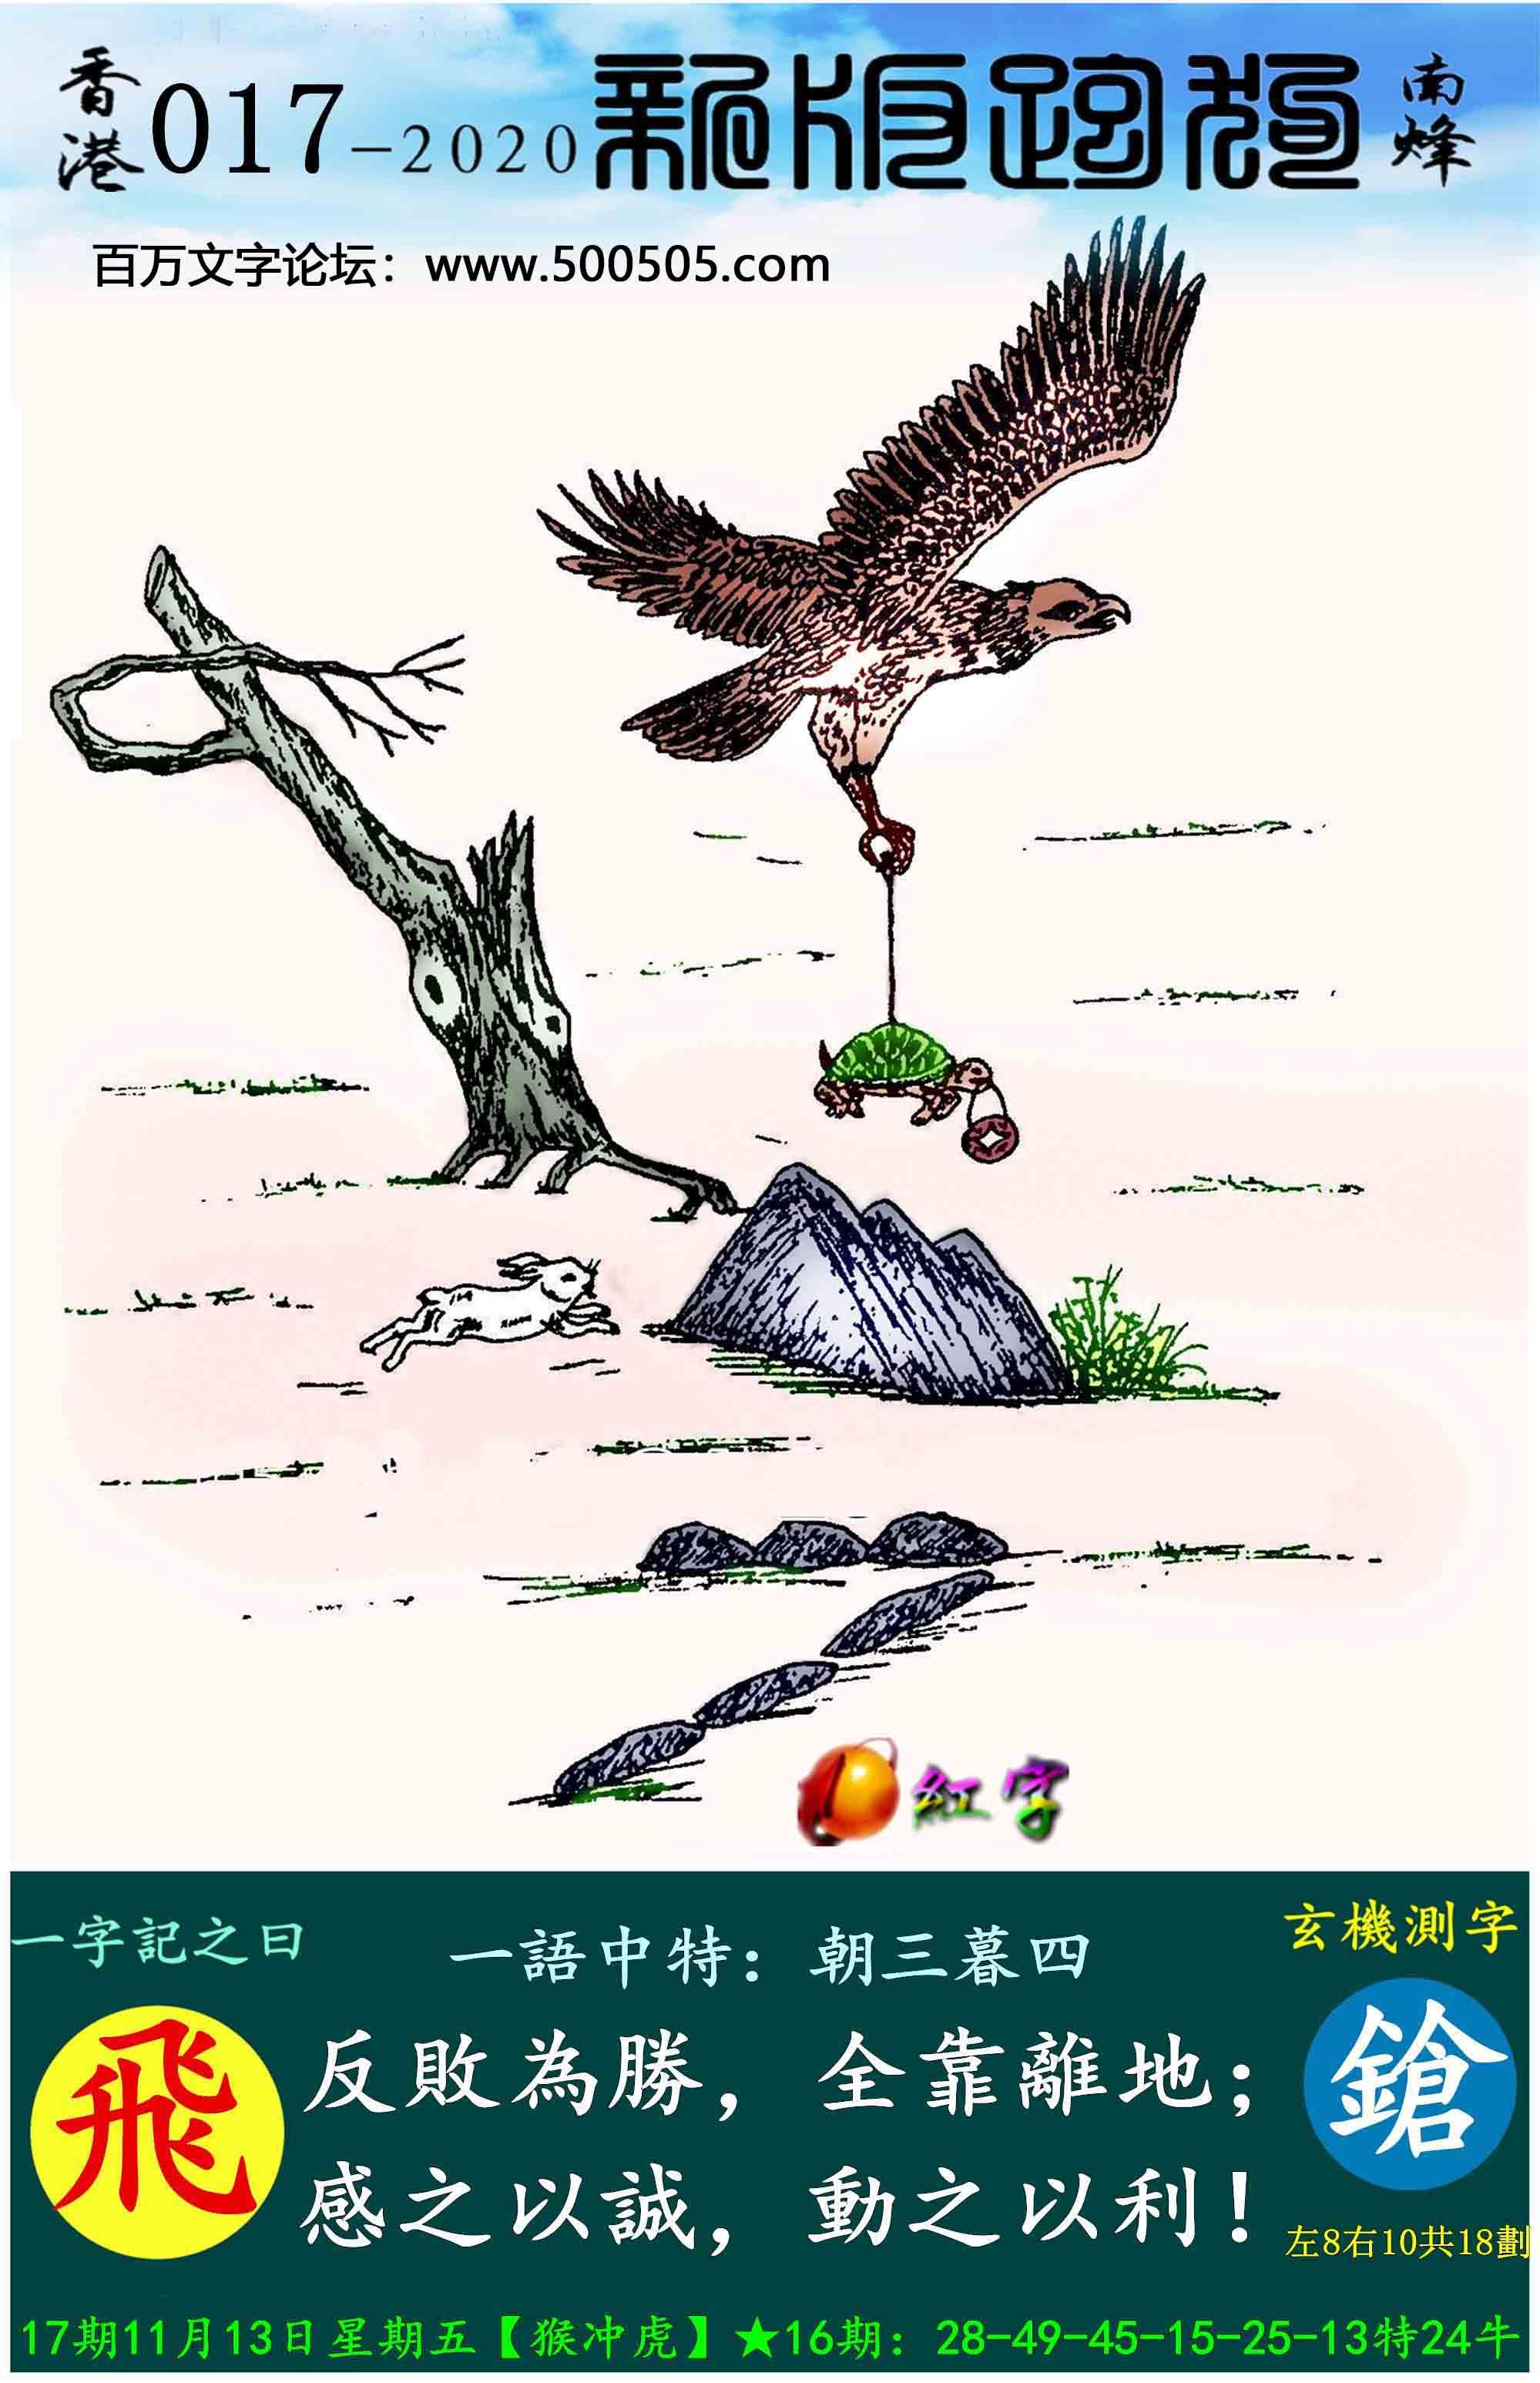 017期跑狗一字�之曰:【�w】 反���伲�全靠�x地; 感之以�\,�又�以利!